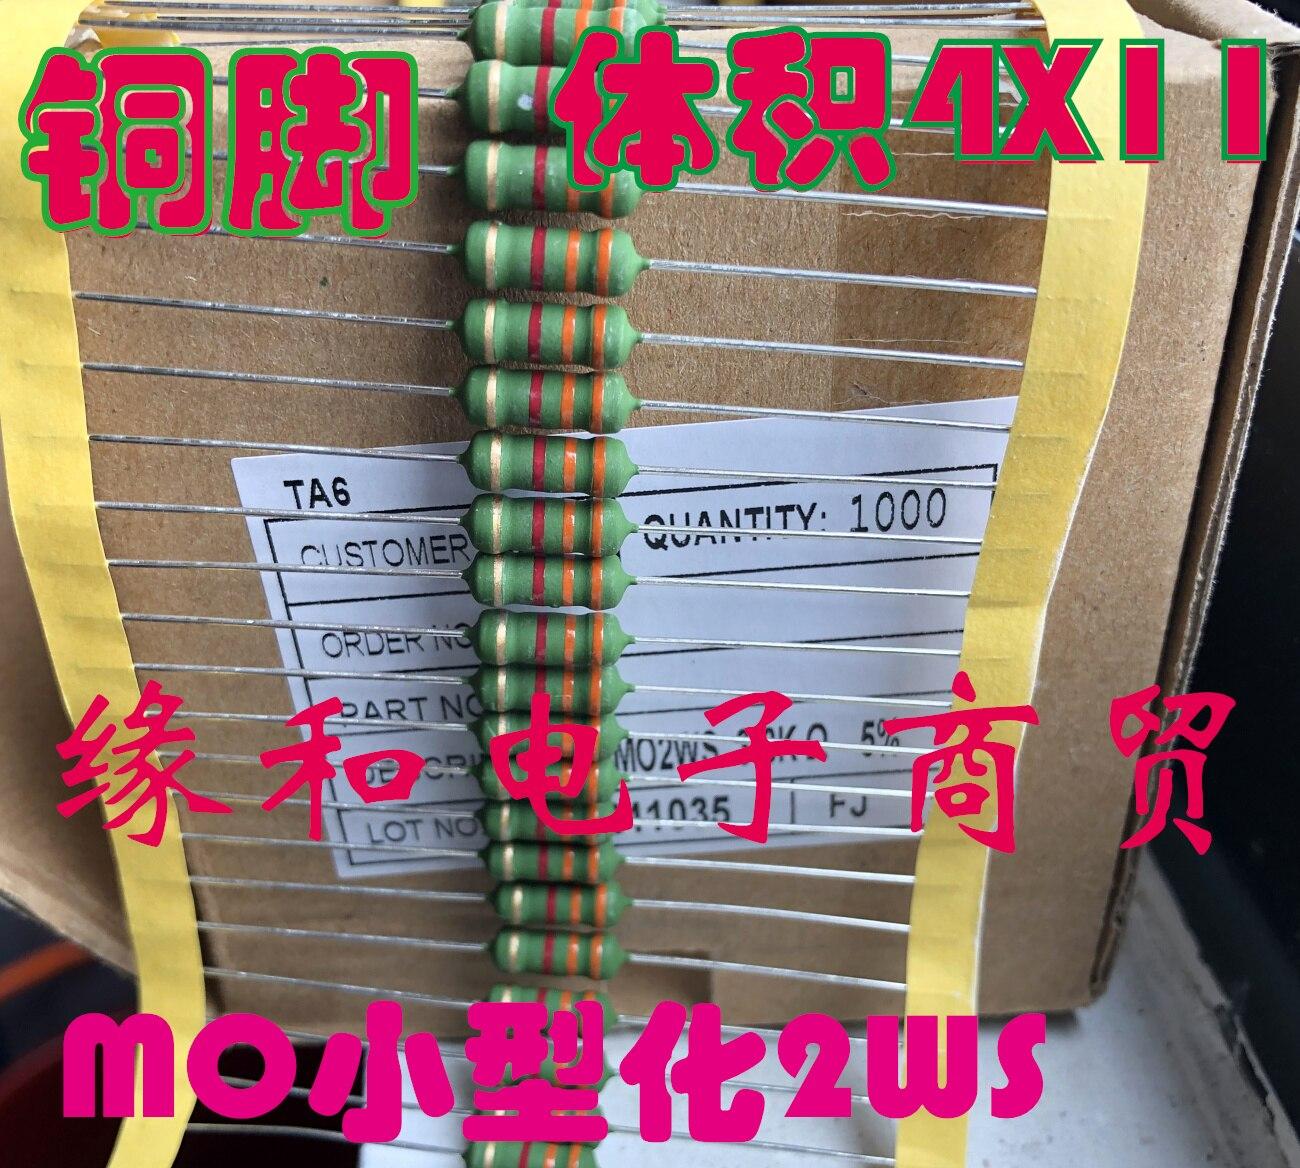 Хорошее качество 2WS 2W DIP 5% 1M 1M2 1M5 2M 2M2 2,2 M 2M7 2,7 M 3M3 4M7 4,7 M 5M1 5,1 M 6M8 6,8 M 10M 4*11 мм металлоксидный пленочный резистор